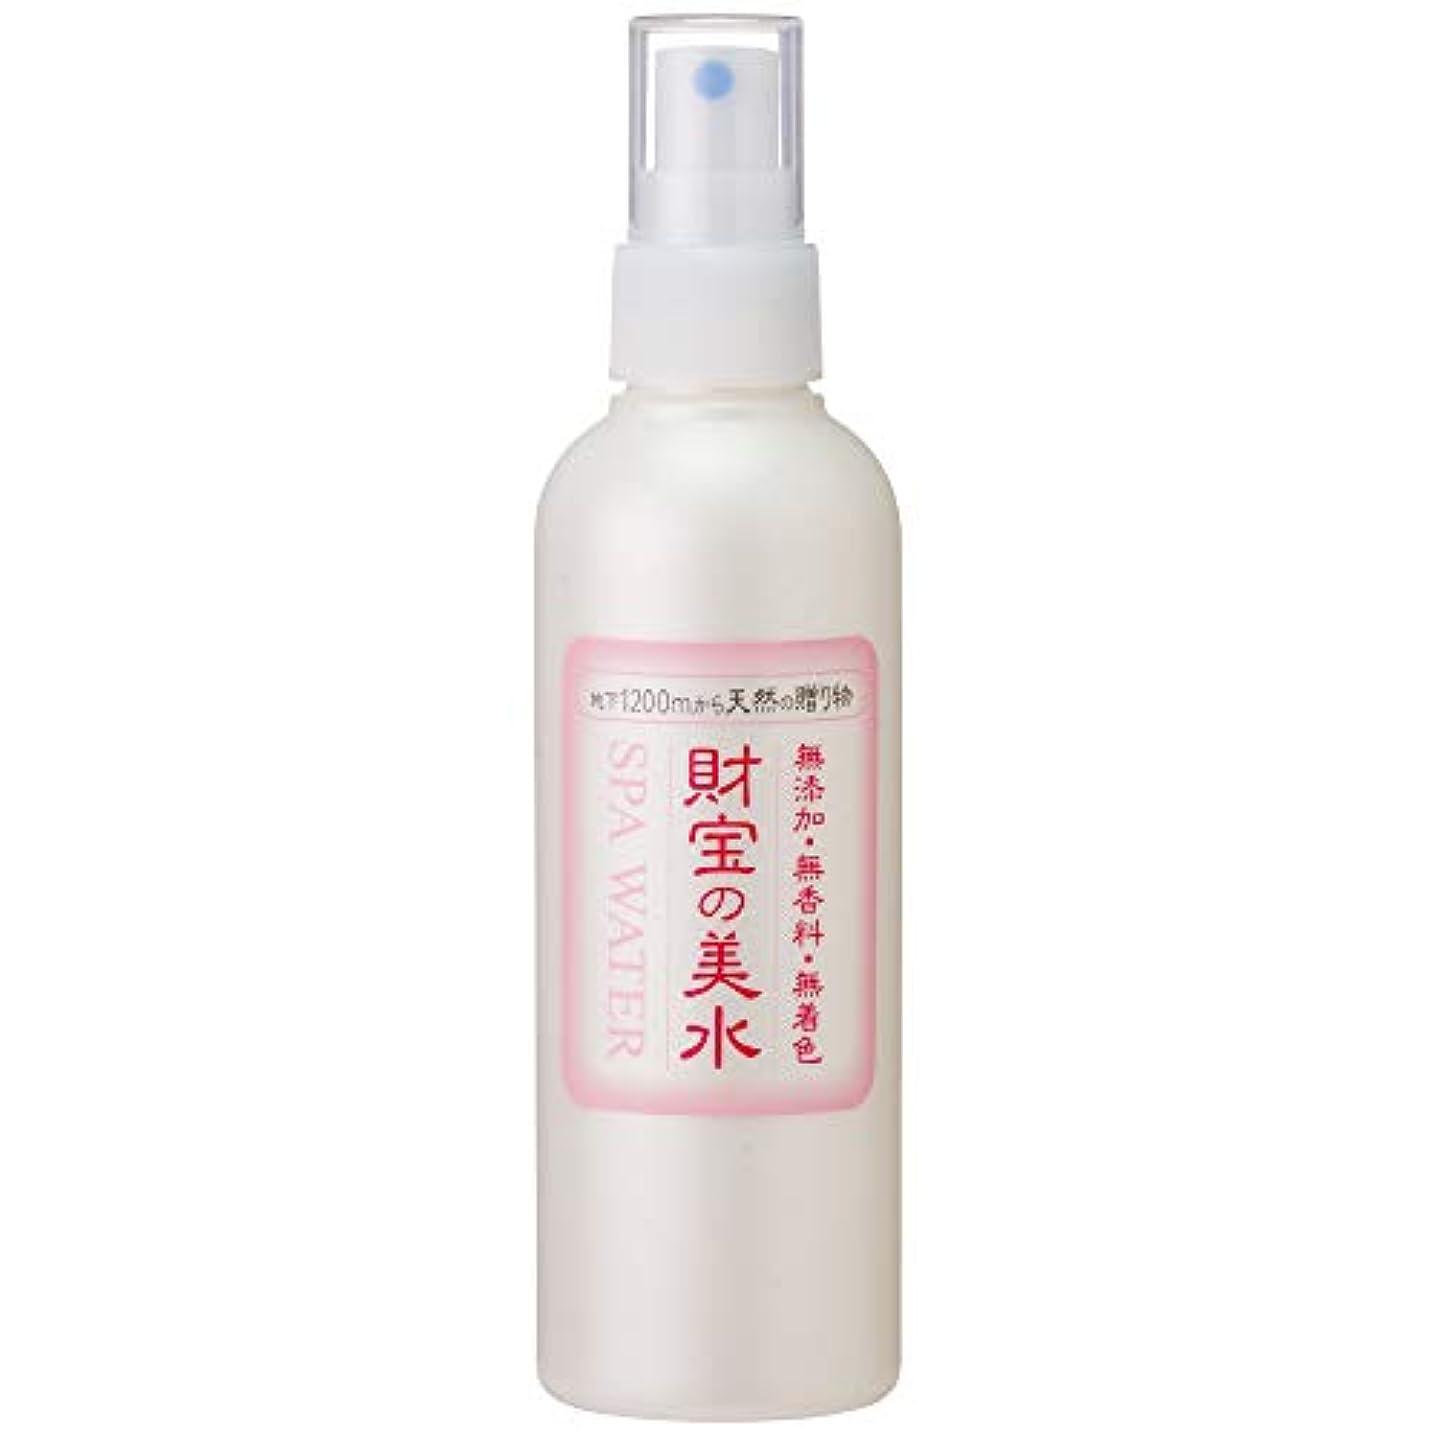 物足りない表面的な会員財宝 温泉 美水 ミスト 化粧水 200ml